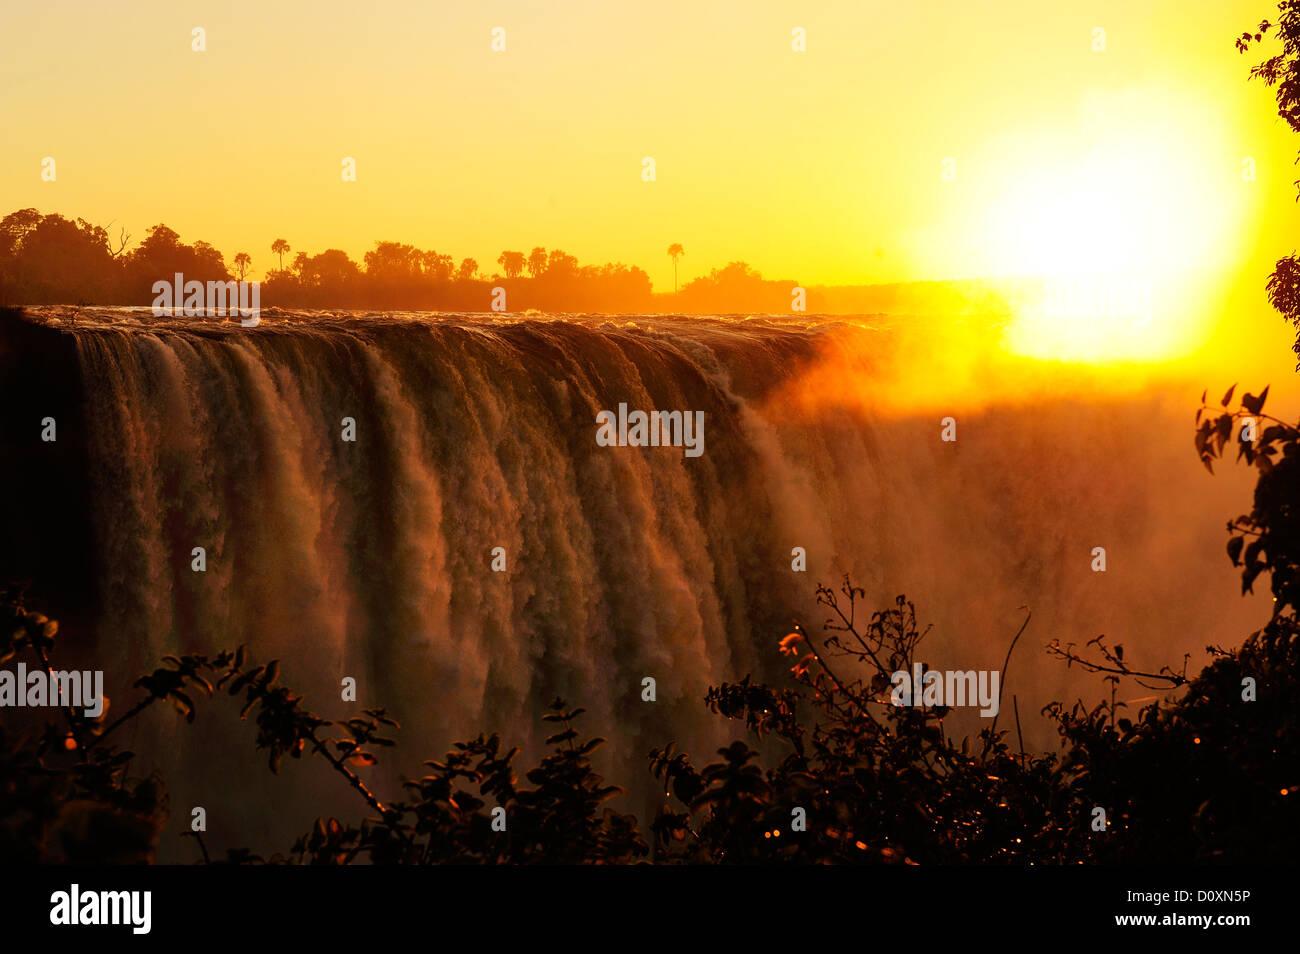 Africa, Zimbabwe, Zambezi, River, Southern Africa, Victoria Falls, waterfall, water, canyon, gorge, sun, sunset - Stock Image